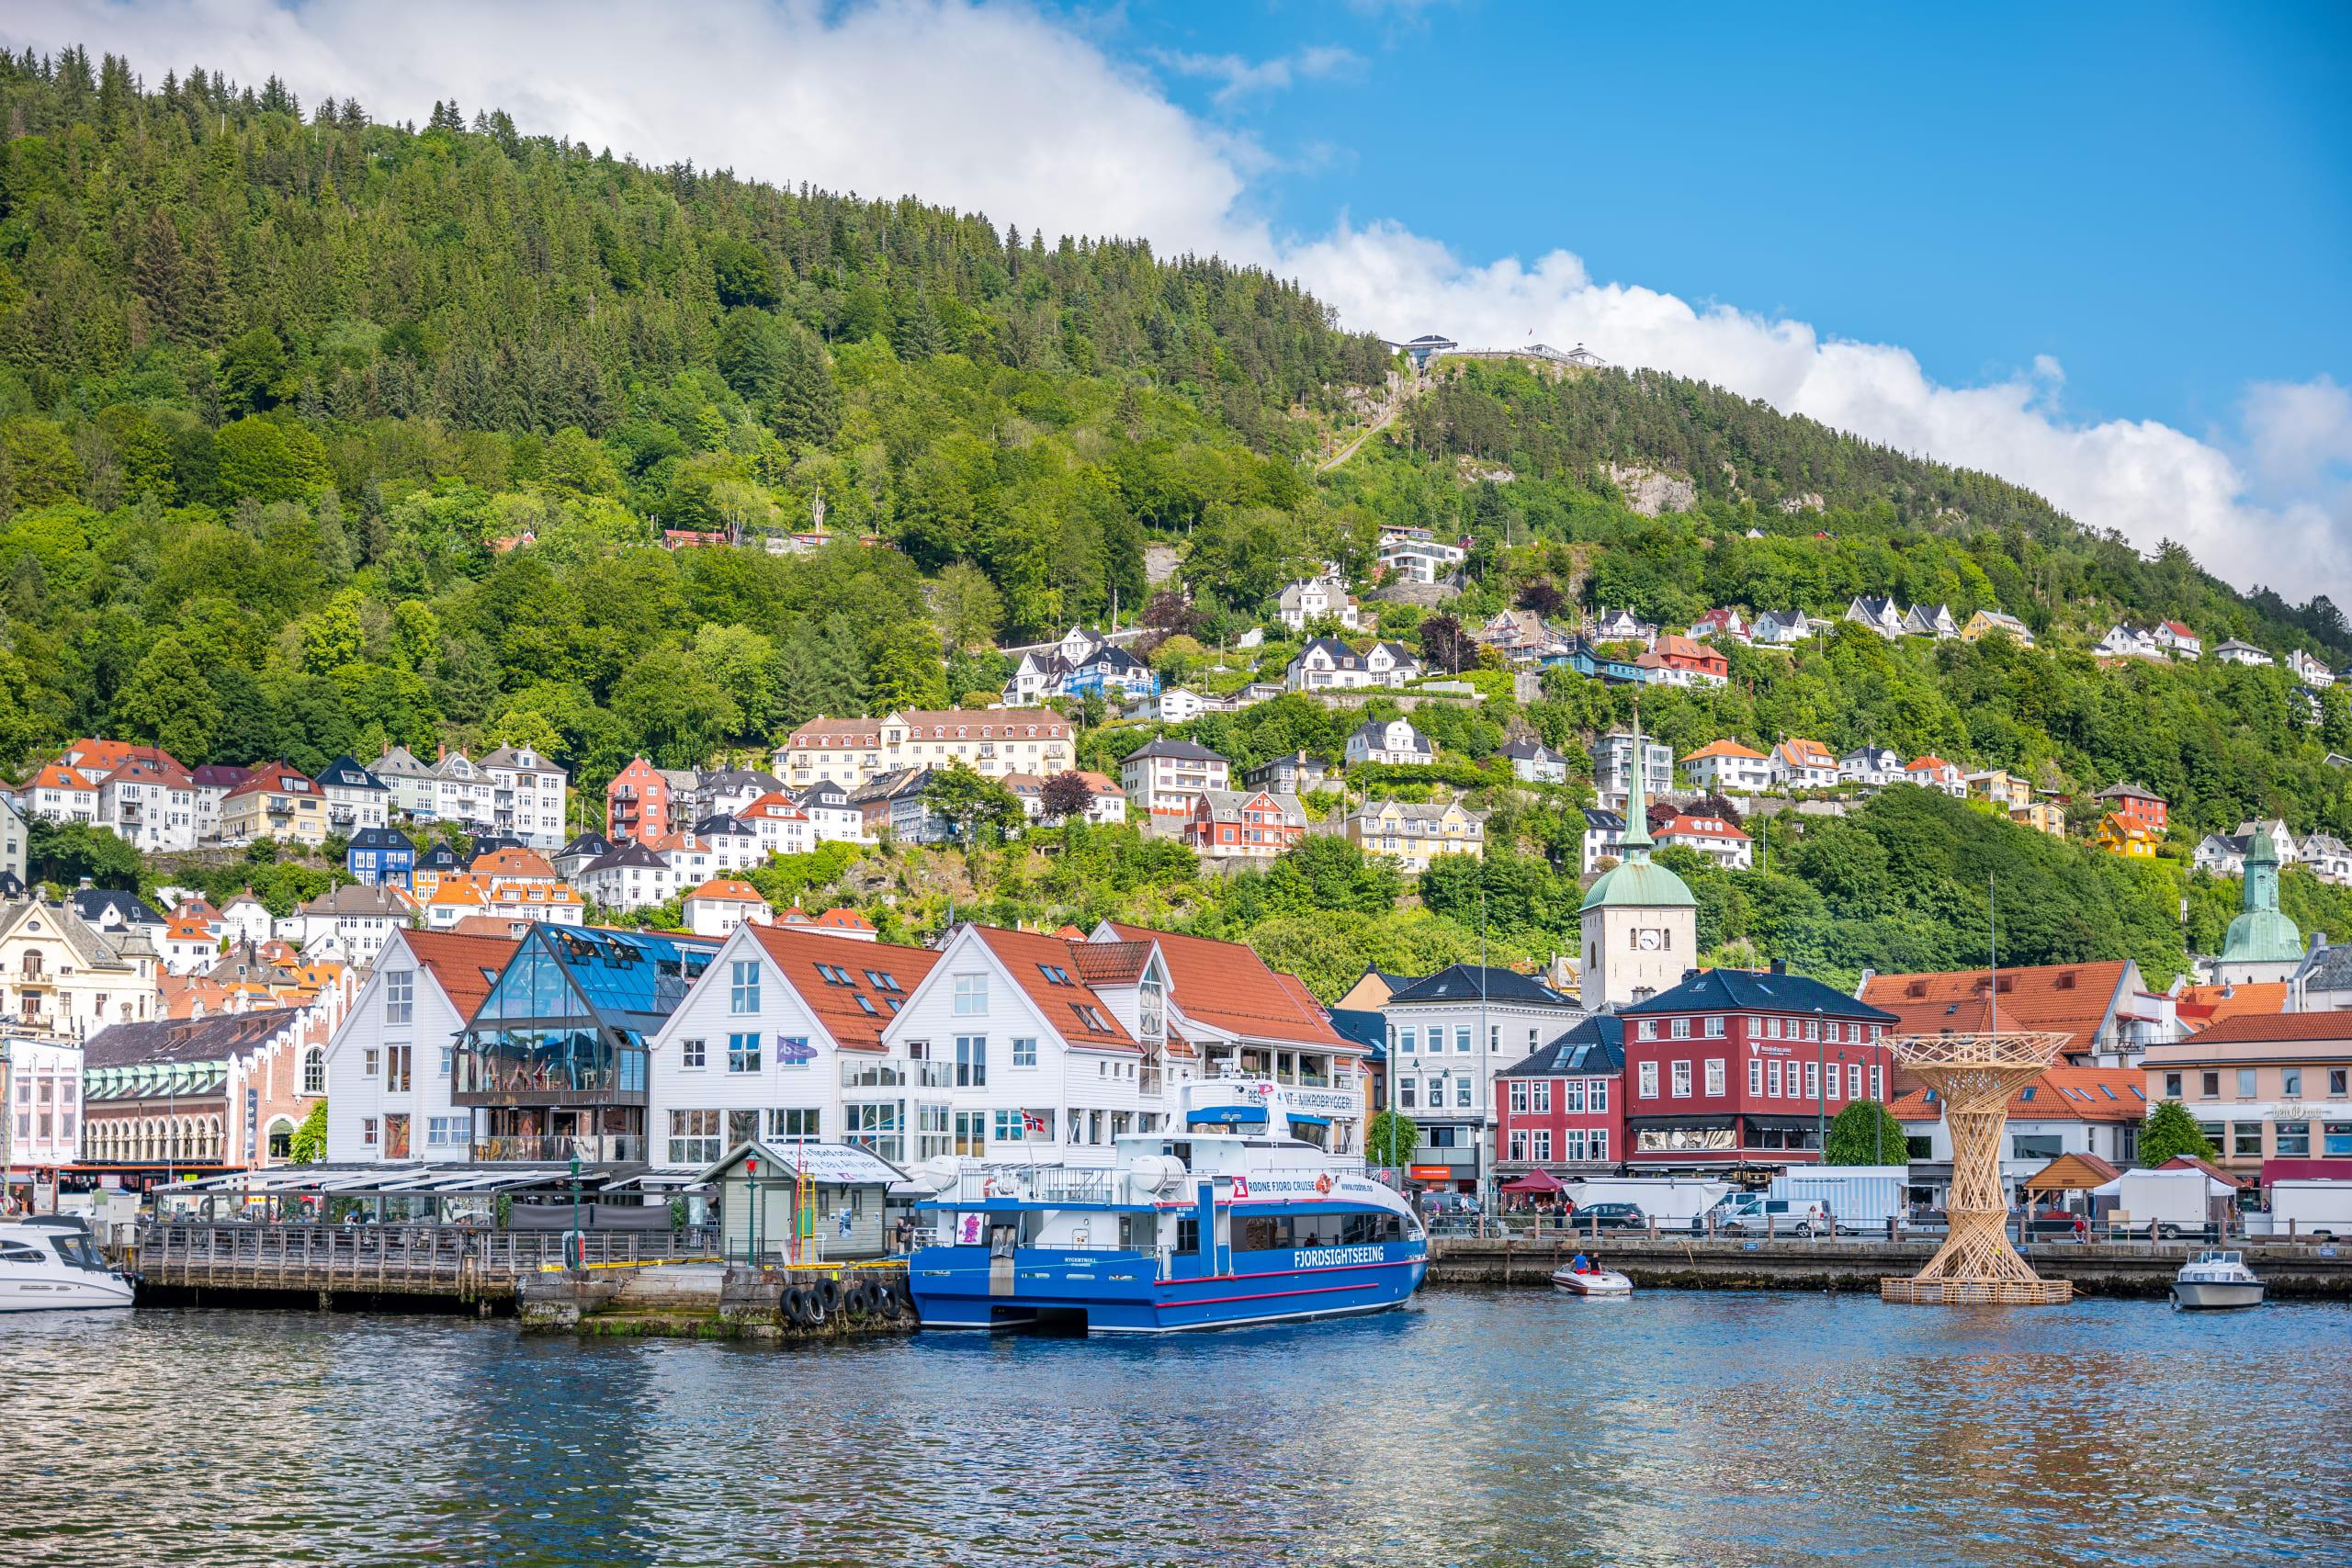 Fjord boat in Bergen harbor